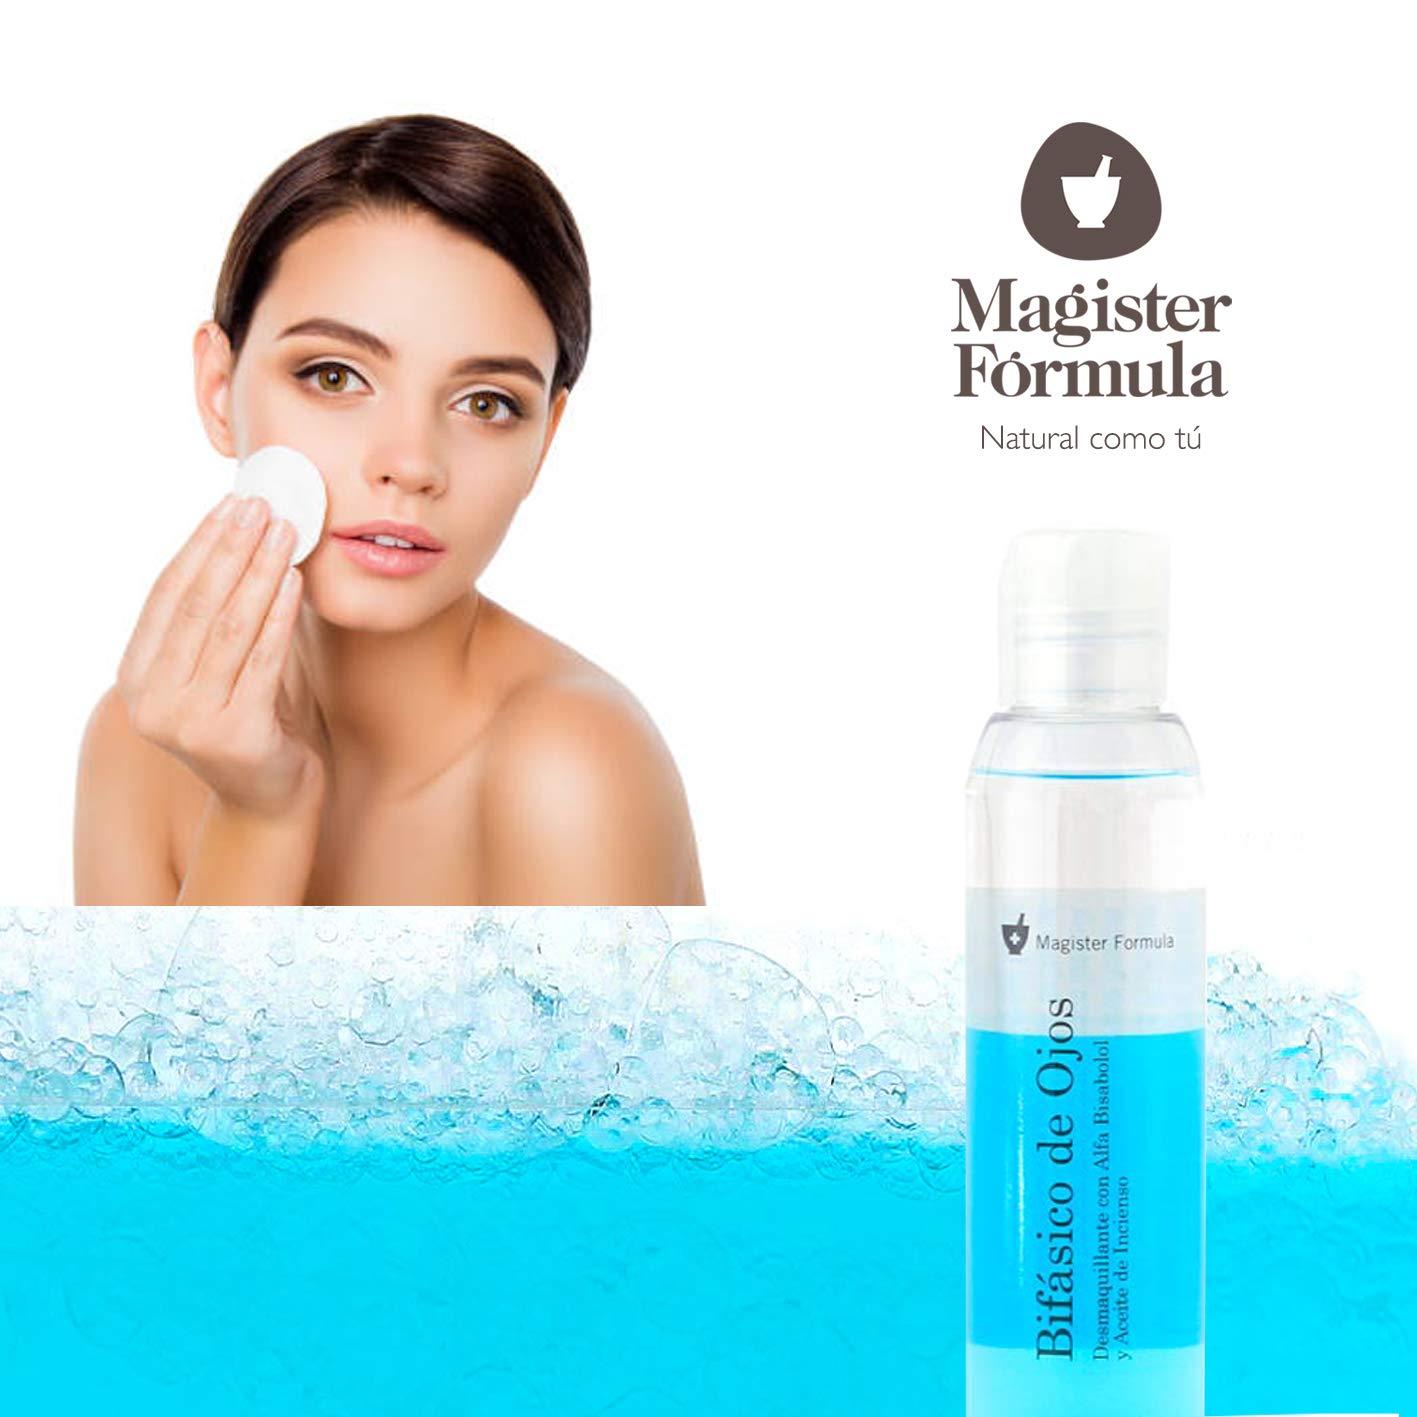 Desmaquillante de Ojos Bifásico 125ml con Manzanilla | Ojos, Labios y Pestañas | Elimina todo tipo de maquillaje, Waterproof | Limpieza Facial | Efecto ...